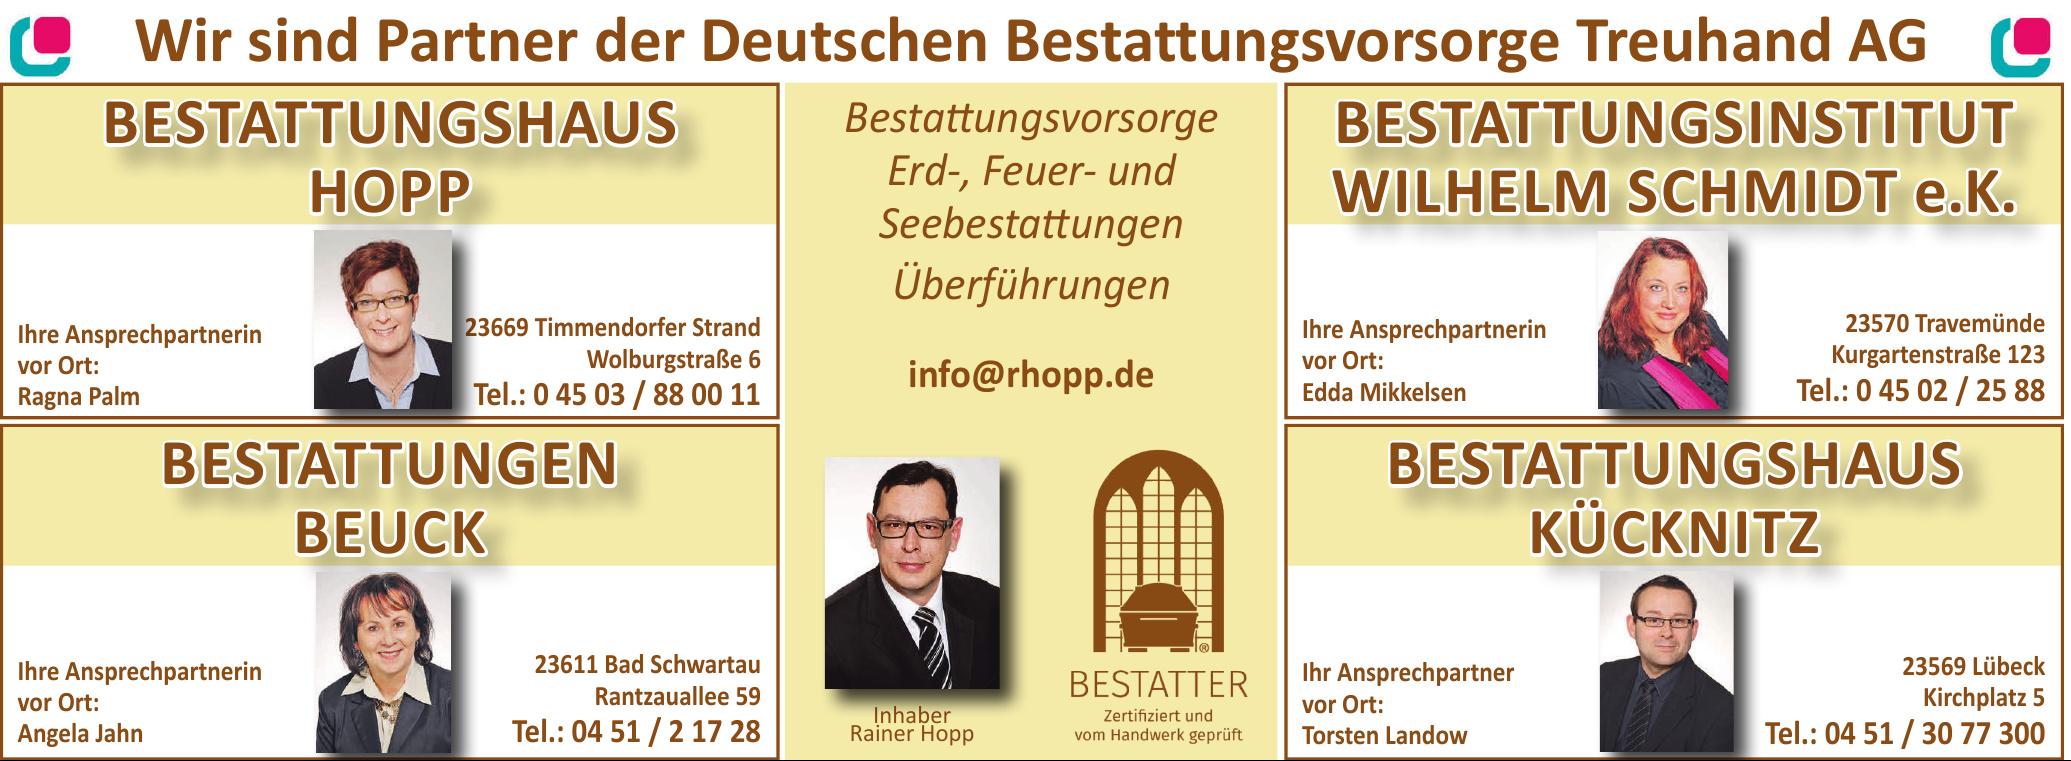 Wir sind Partner der Deutschen Bestattungsvorsorge Treuhand AG